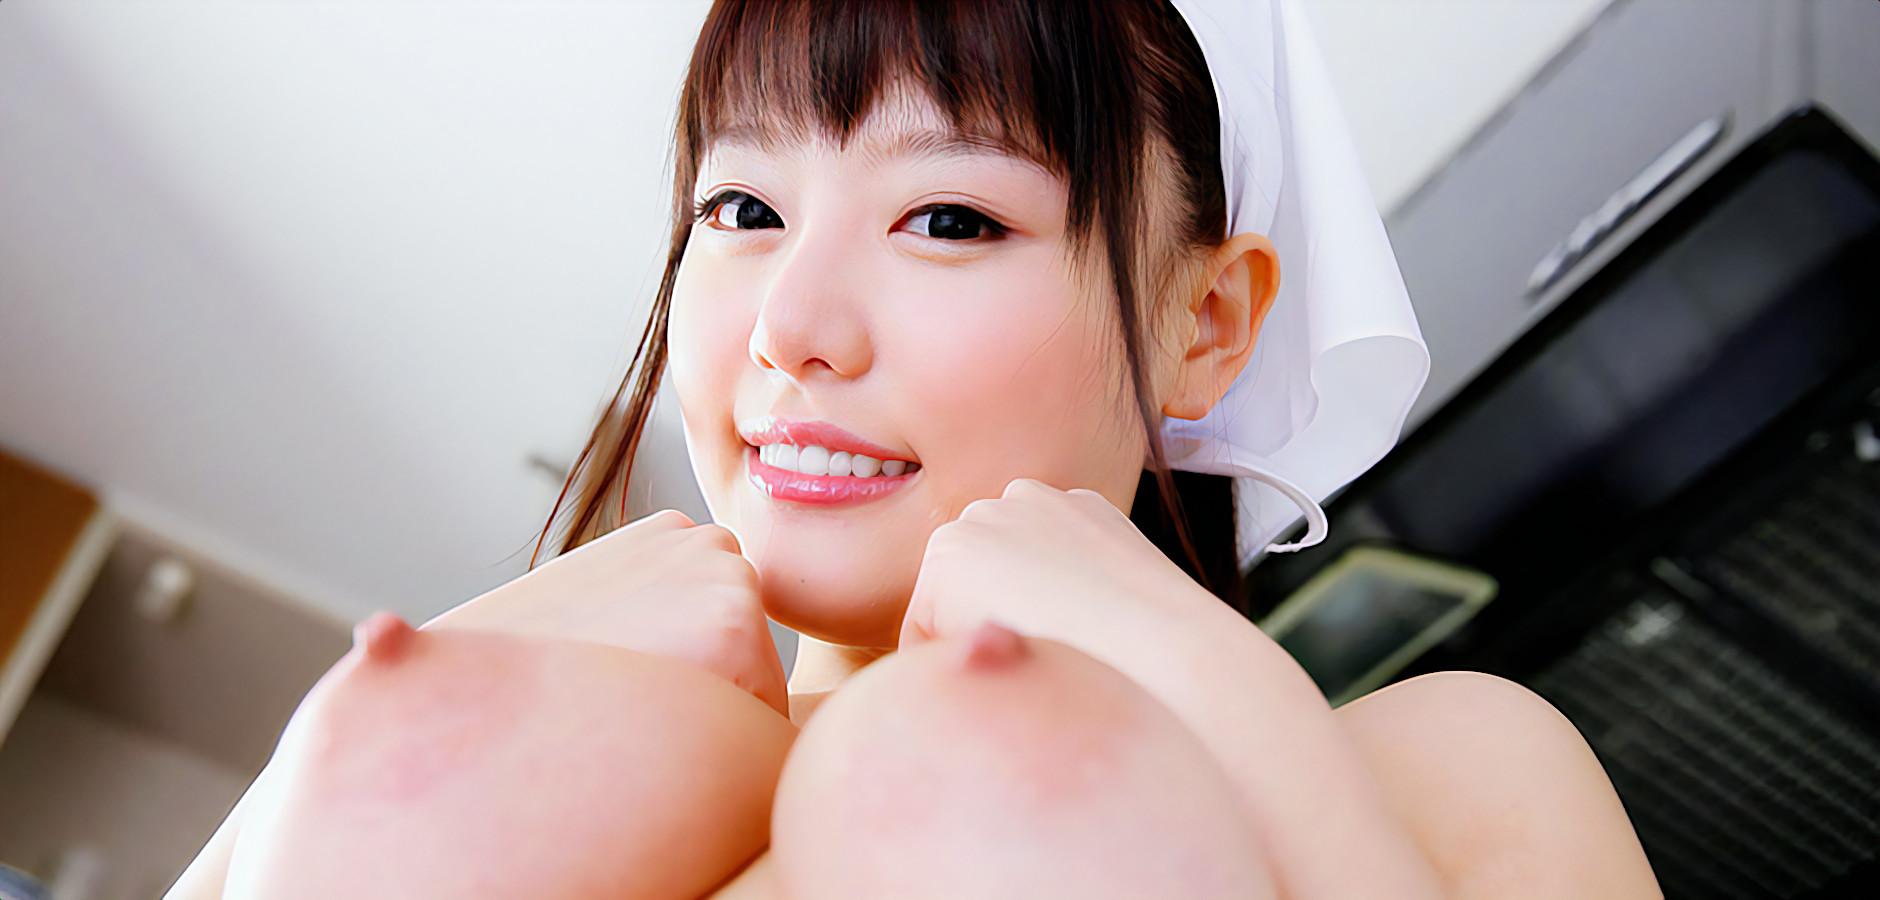 巨乳女子の乳寄せ